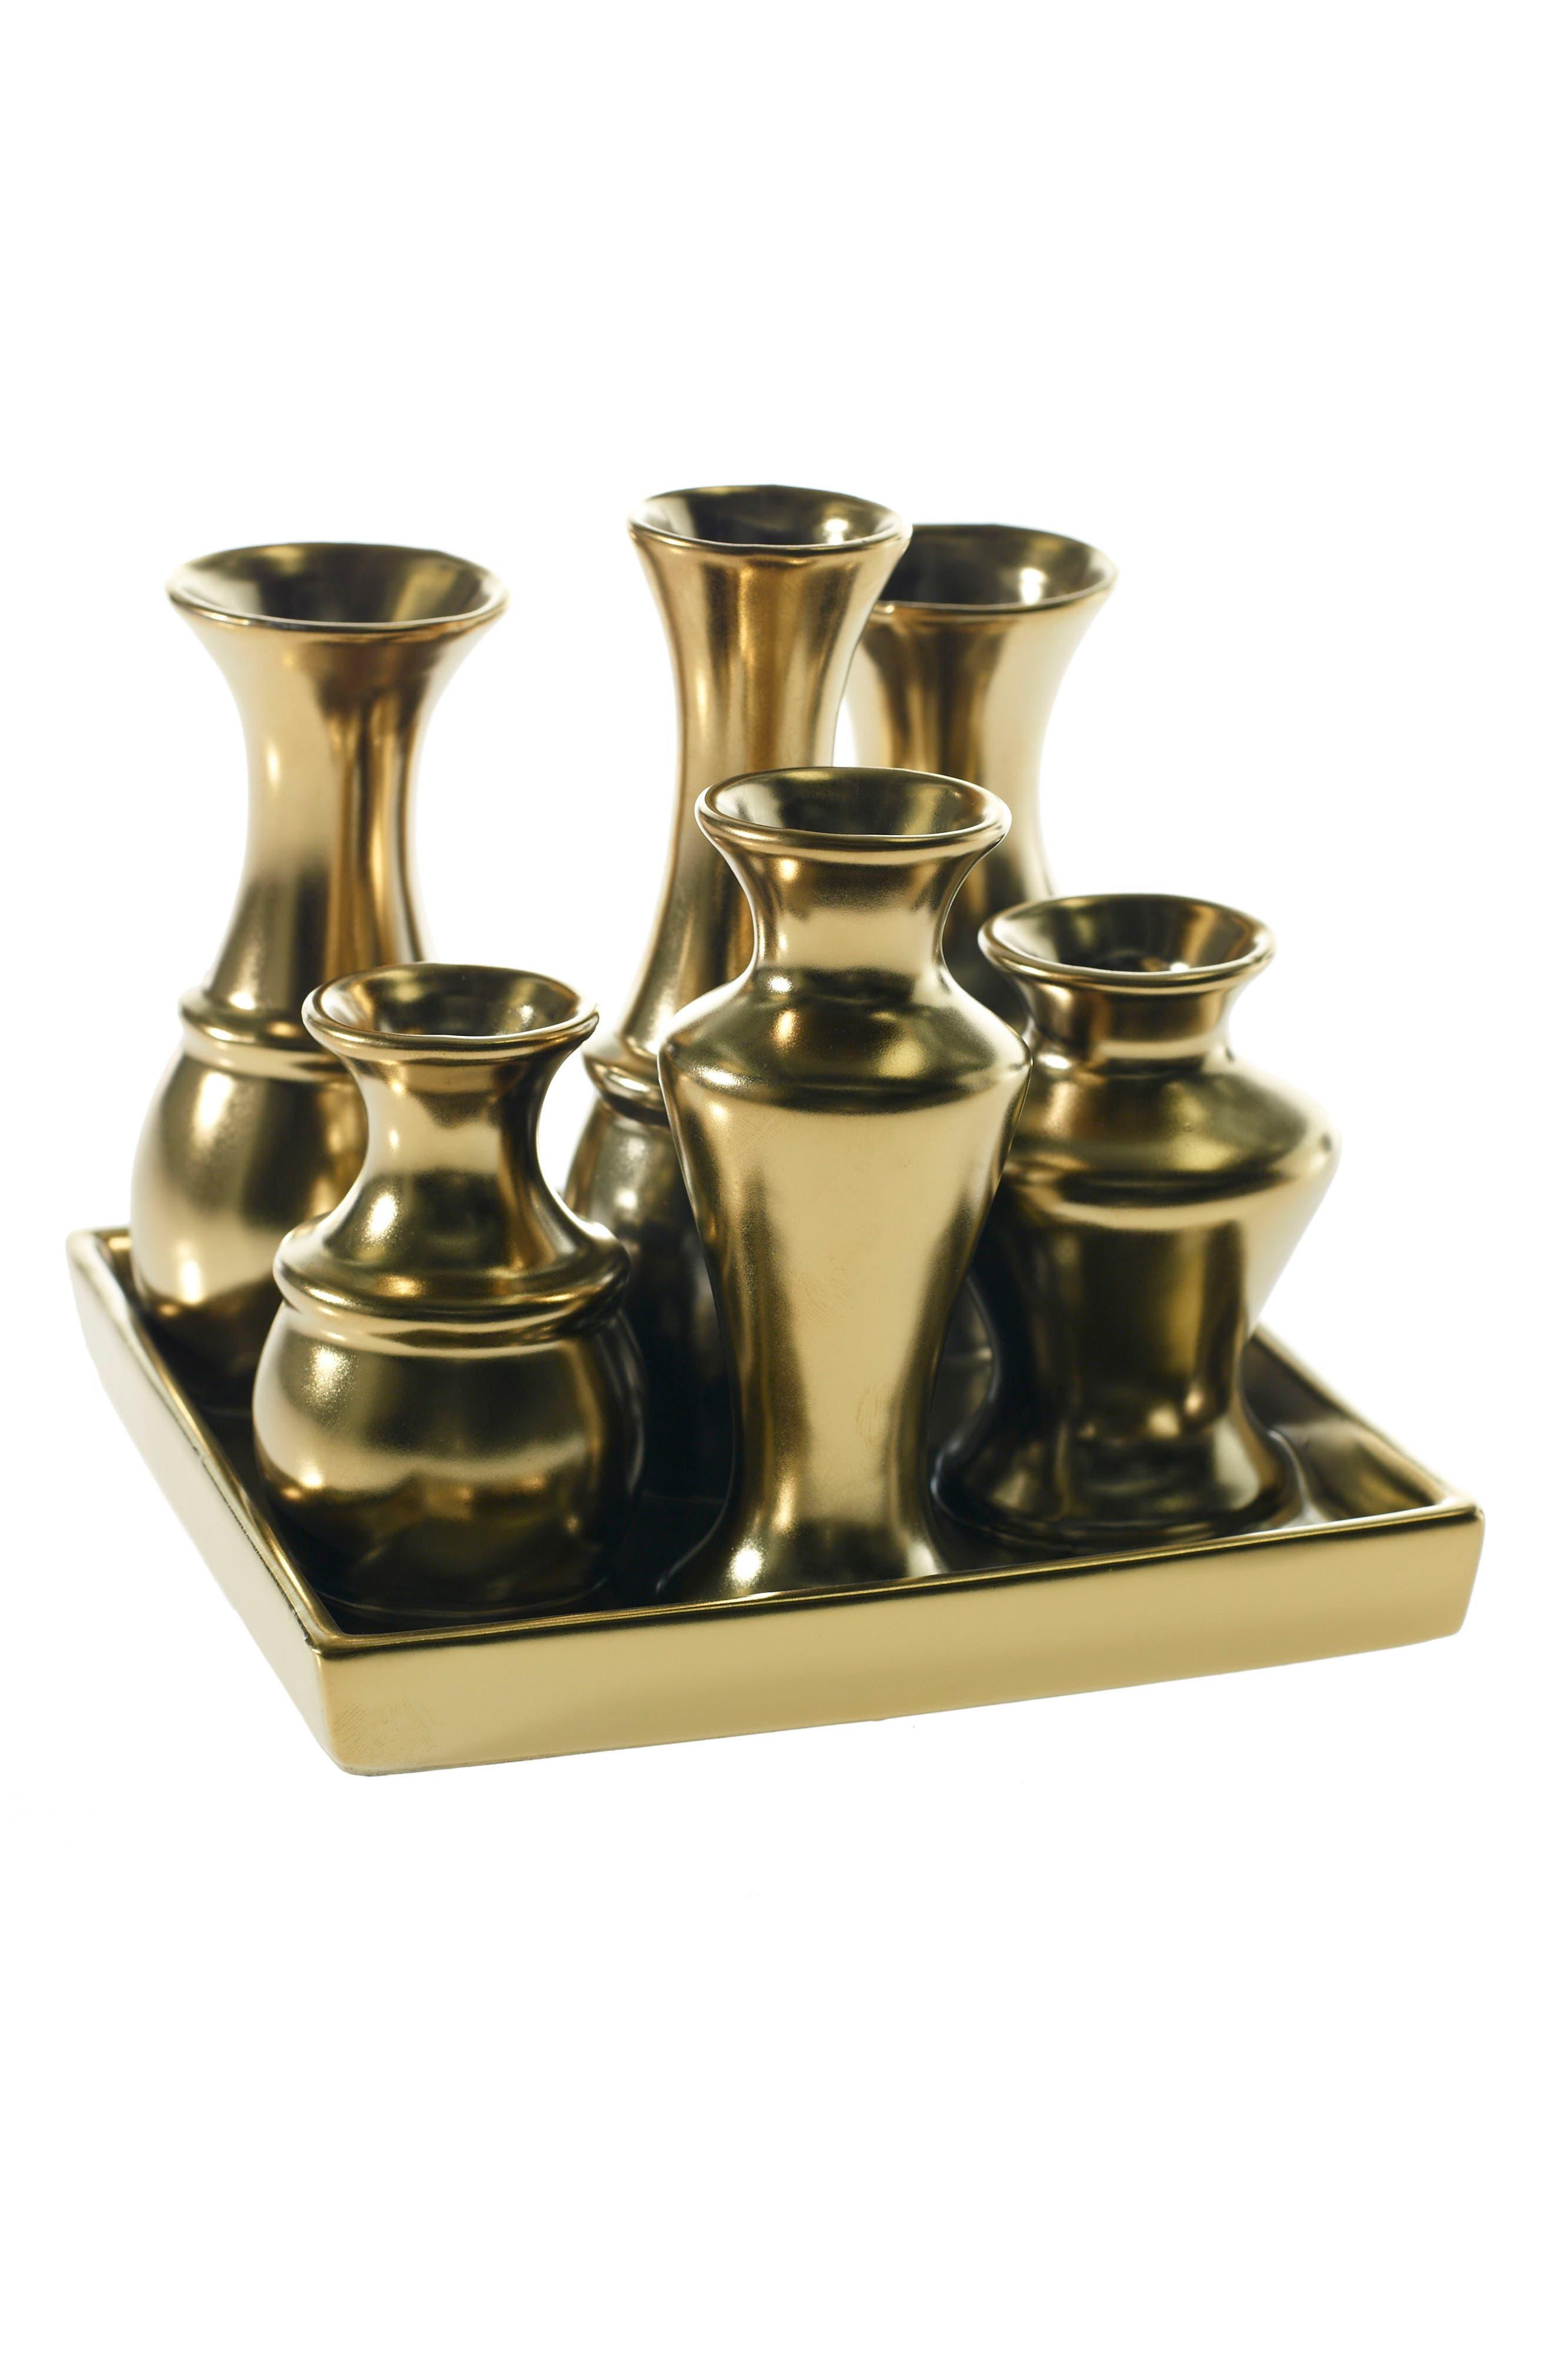 Main Image - Accent Decor Chic Multi Container Ceramic Vase